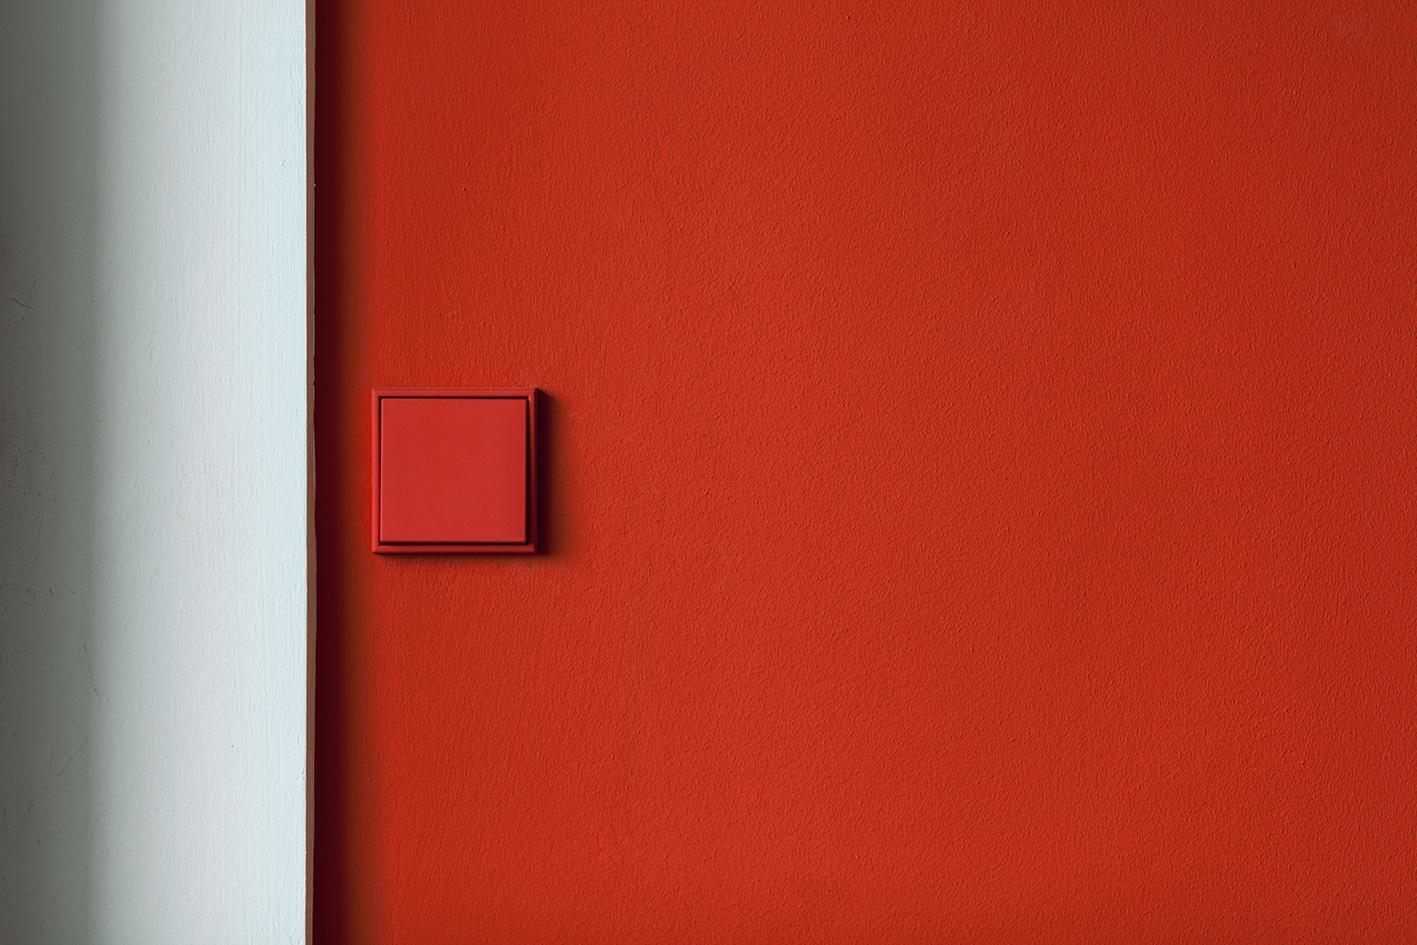 czerwony wyłacznik, czerwona ściana, projektowanie wnętrz Warszawa,serii LS 990 w kolorach Les Couleurs® Le Corbusier